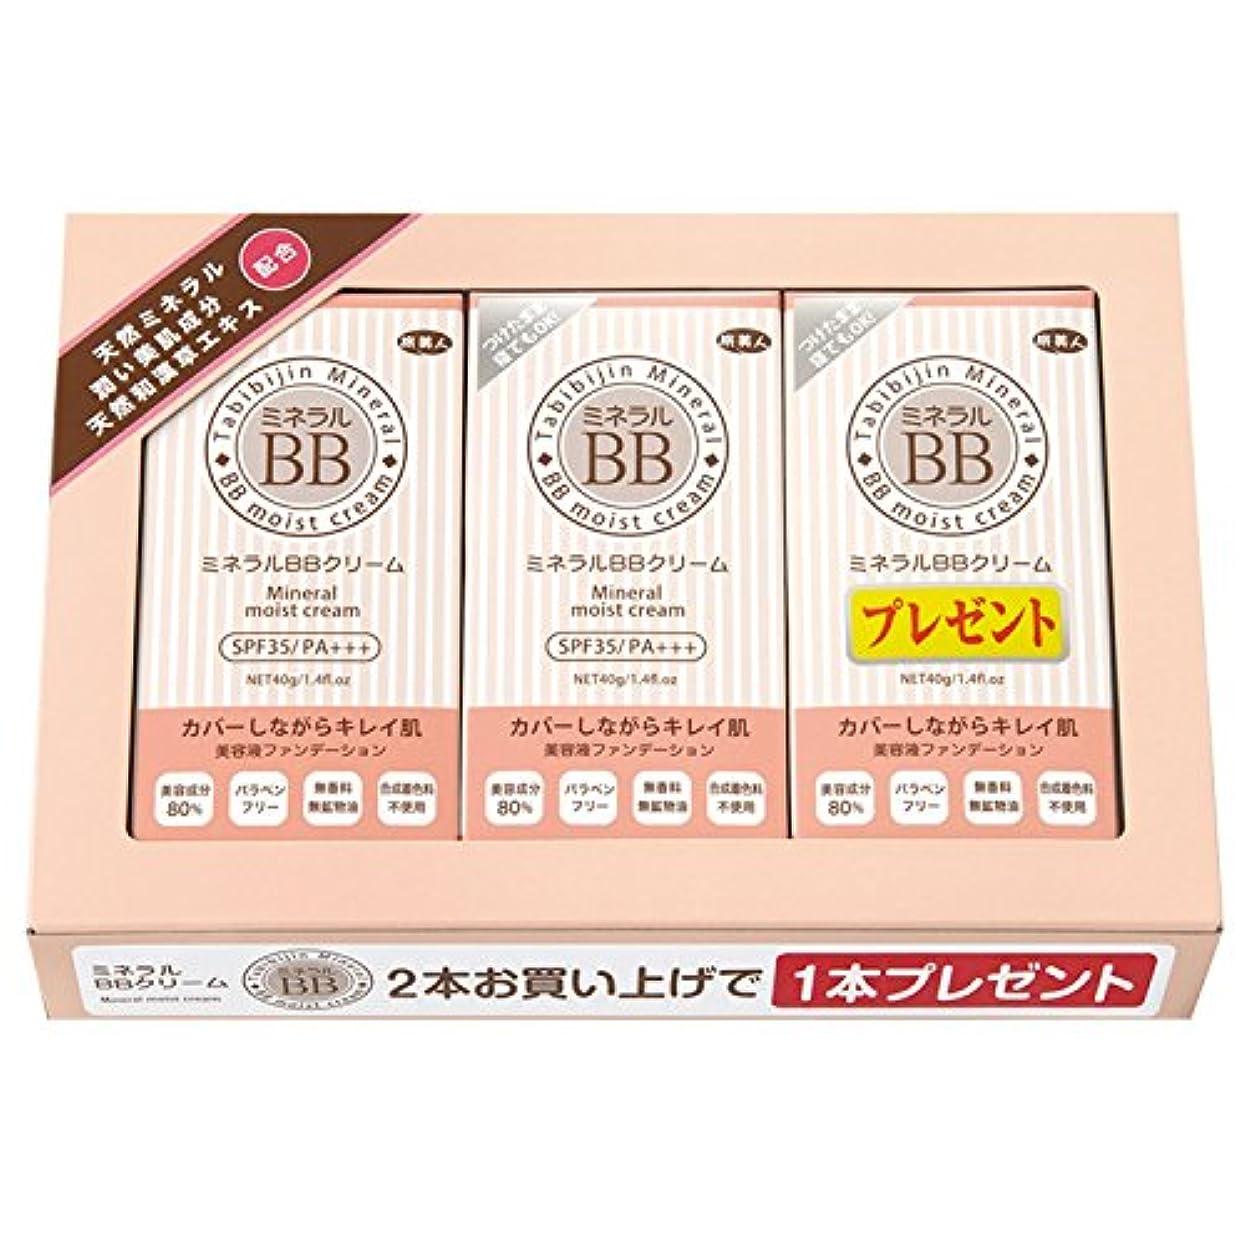 するだろうバルセロナマーケティングアズマ商事の ミネラルBBクリーム お得な 2本のお値段で3本入りセット